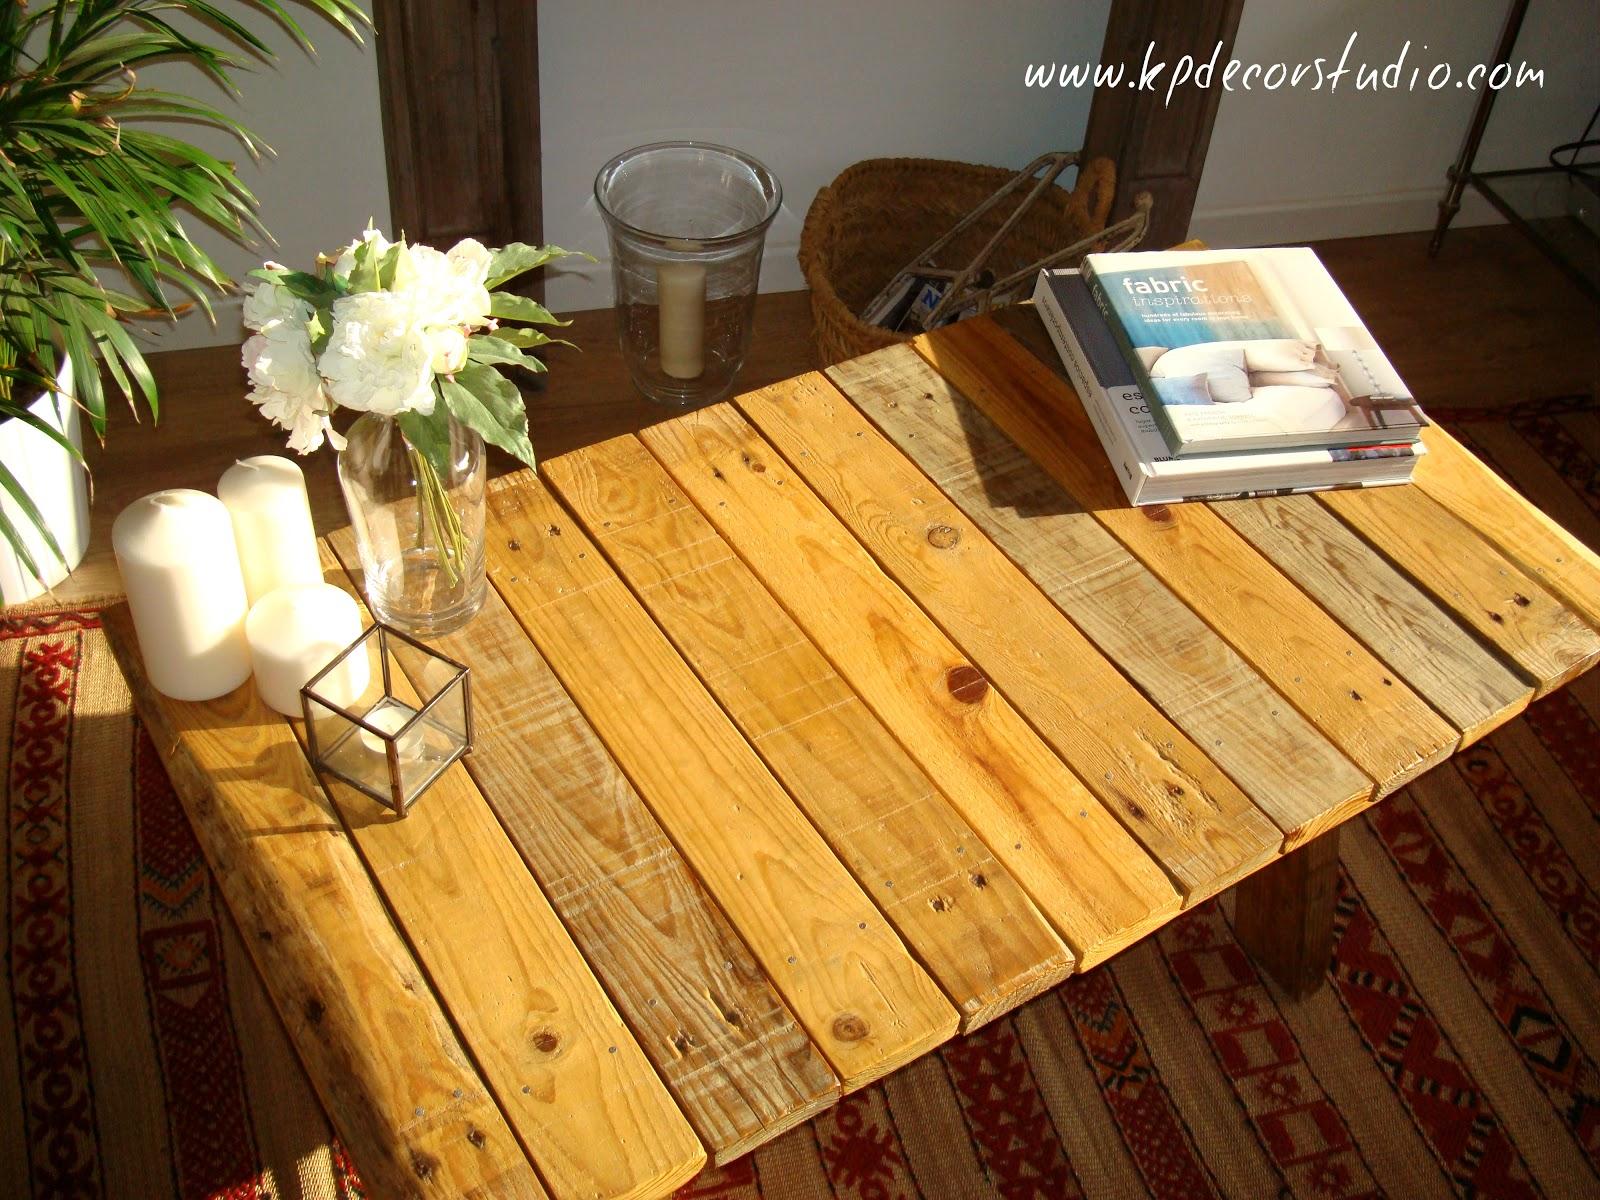 KP Tienda Vintage Online Mesa de madera palet por encargo  Exclusive wood table for sale